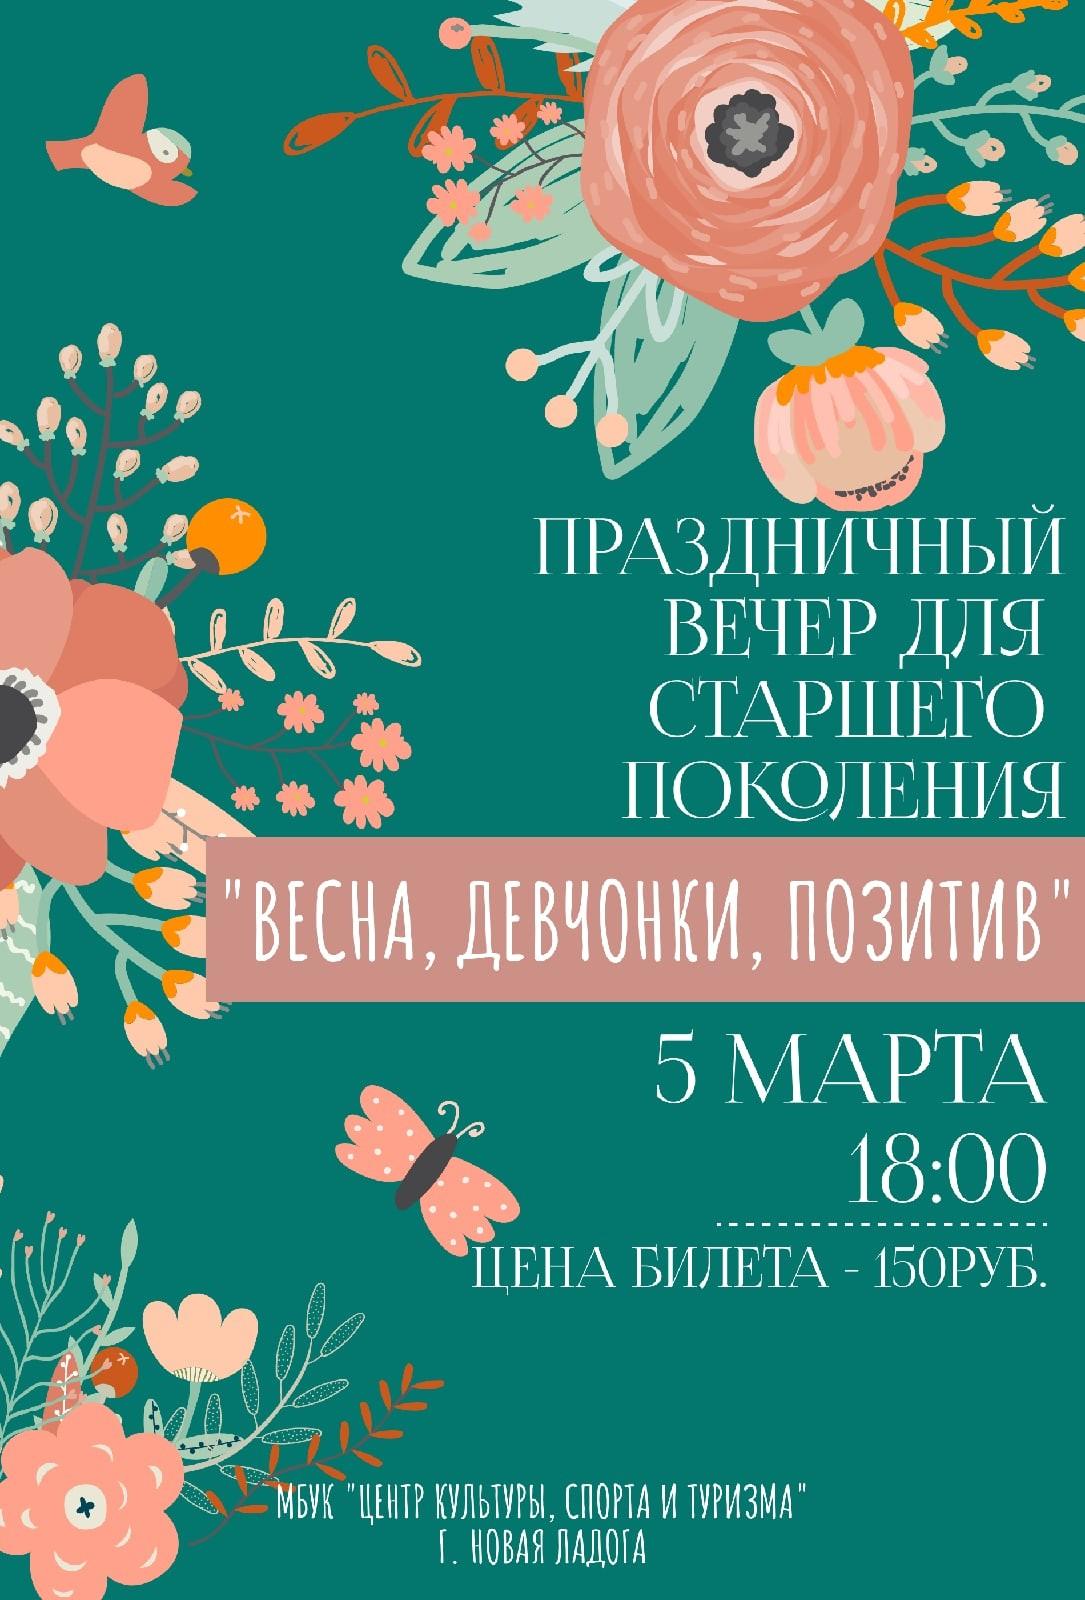 """Праздничный вечер для старшего поколения  """"Весна, девчонки, позитив"""""""